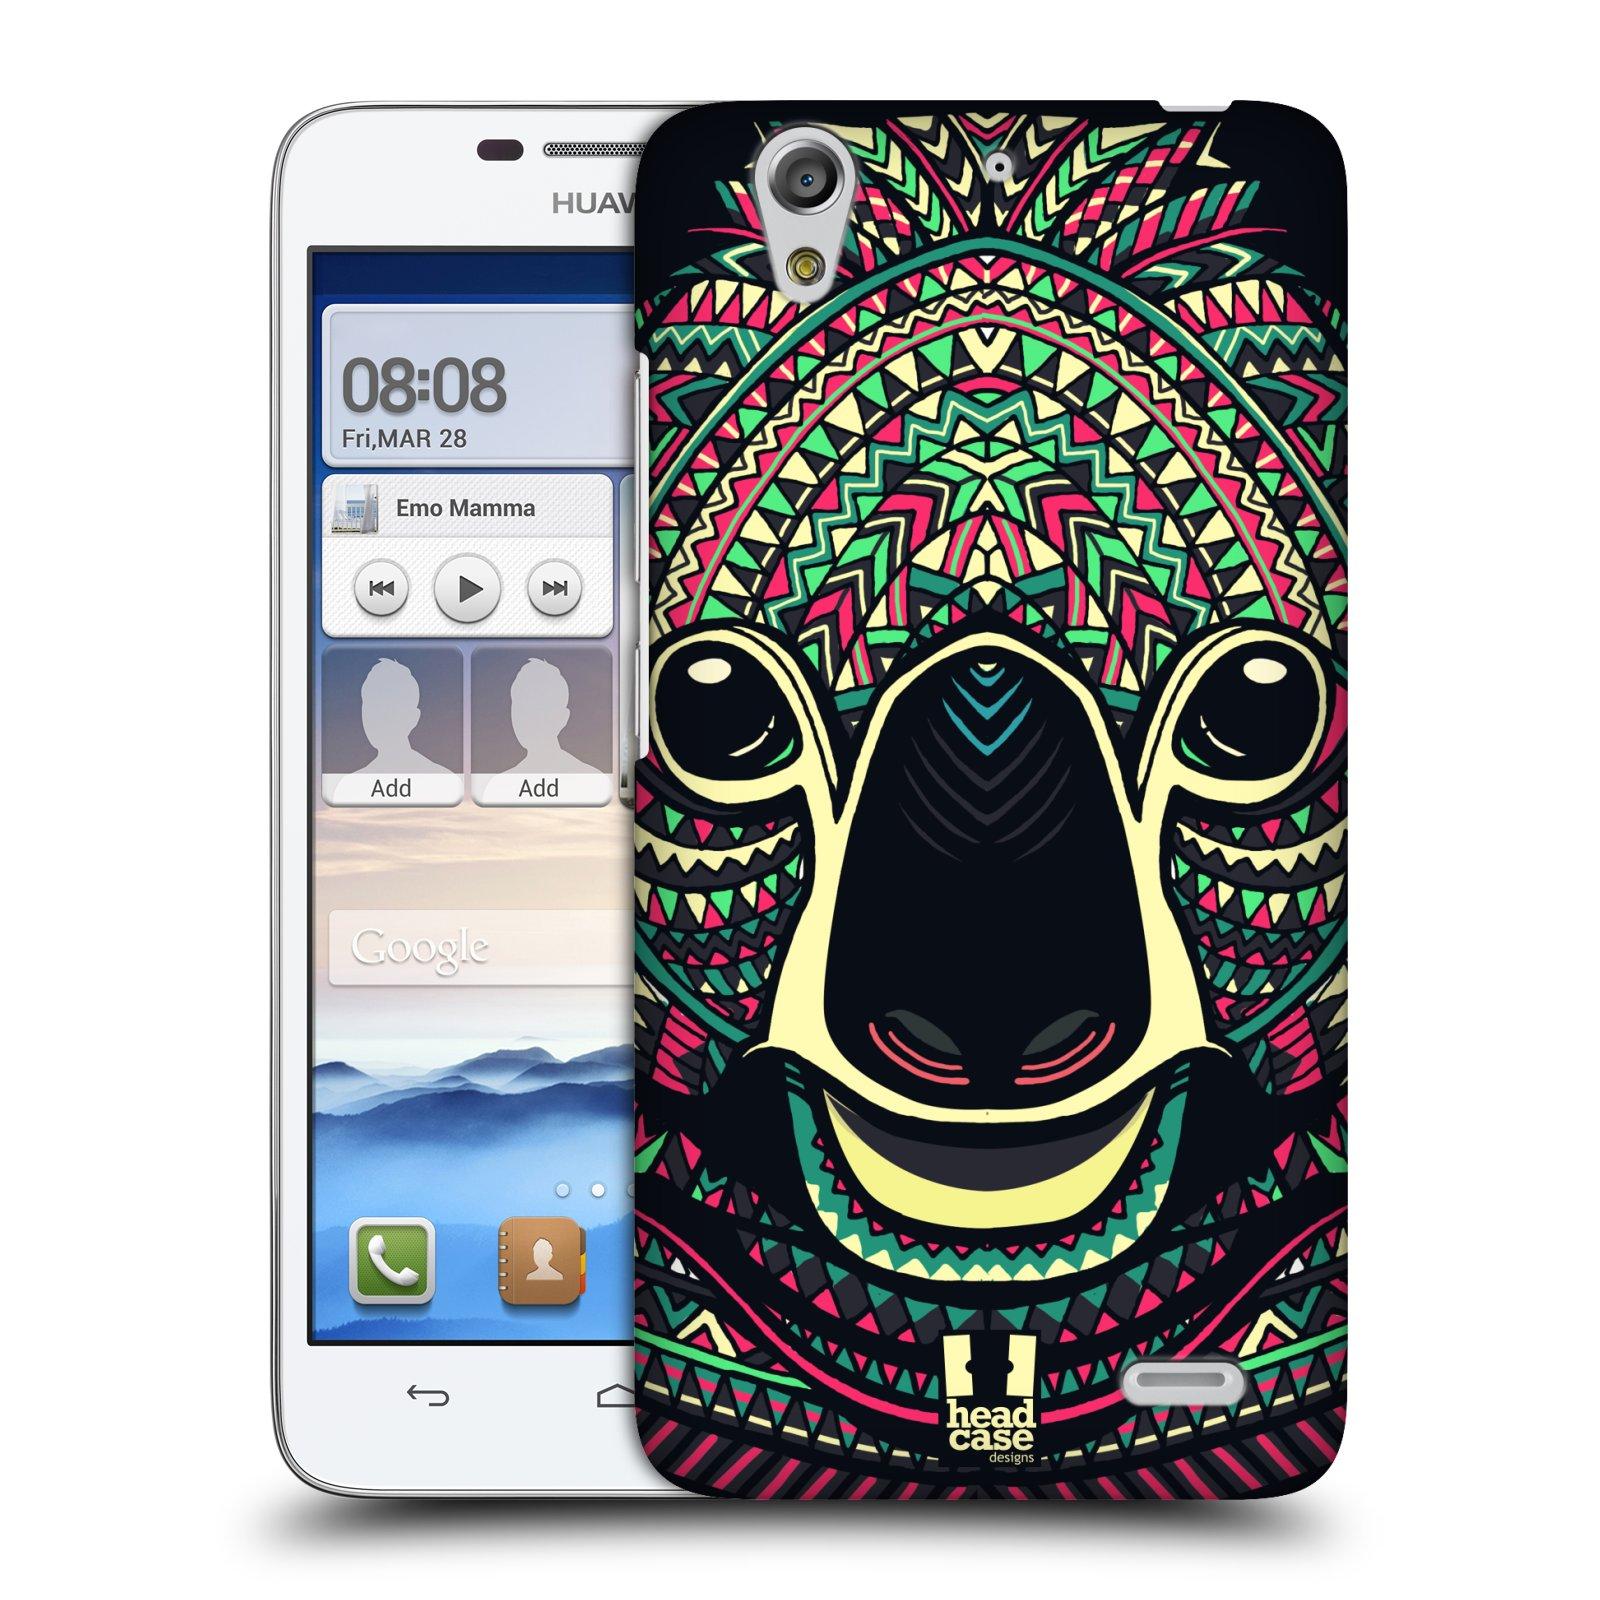 Plastové pouzdro na mobil Huawei Ascend G630 HEAD CASE AZTEC KOALA (Kryt či obal na mobilní telefon Huawei Ascend G630)